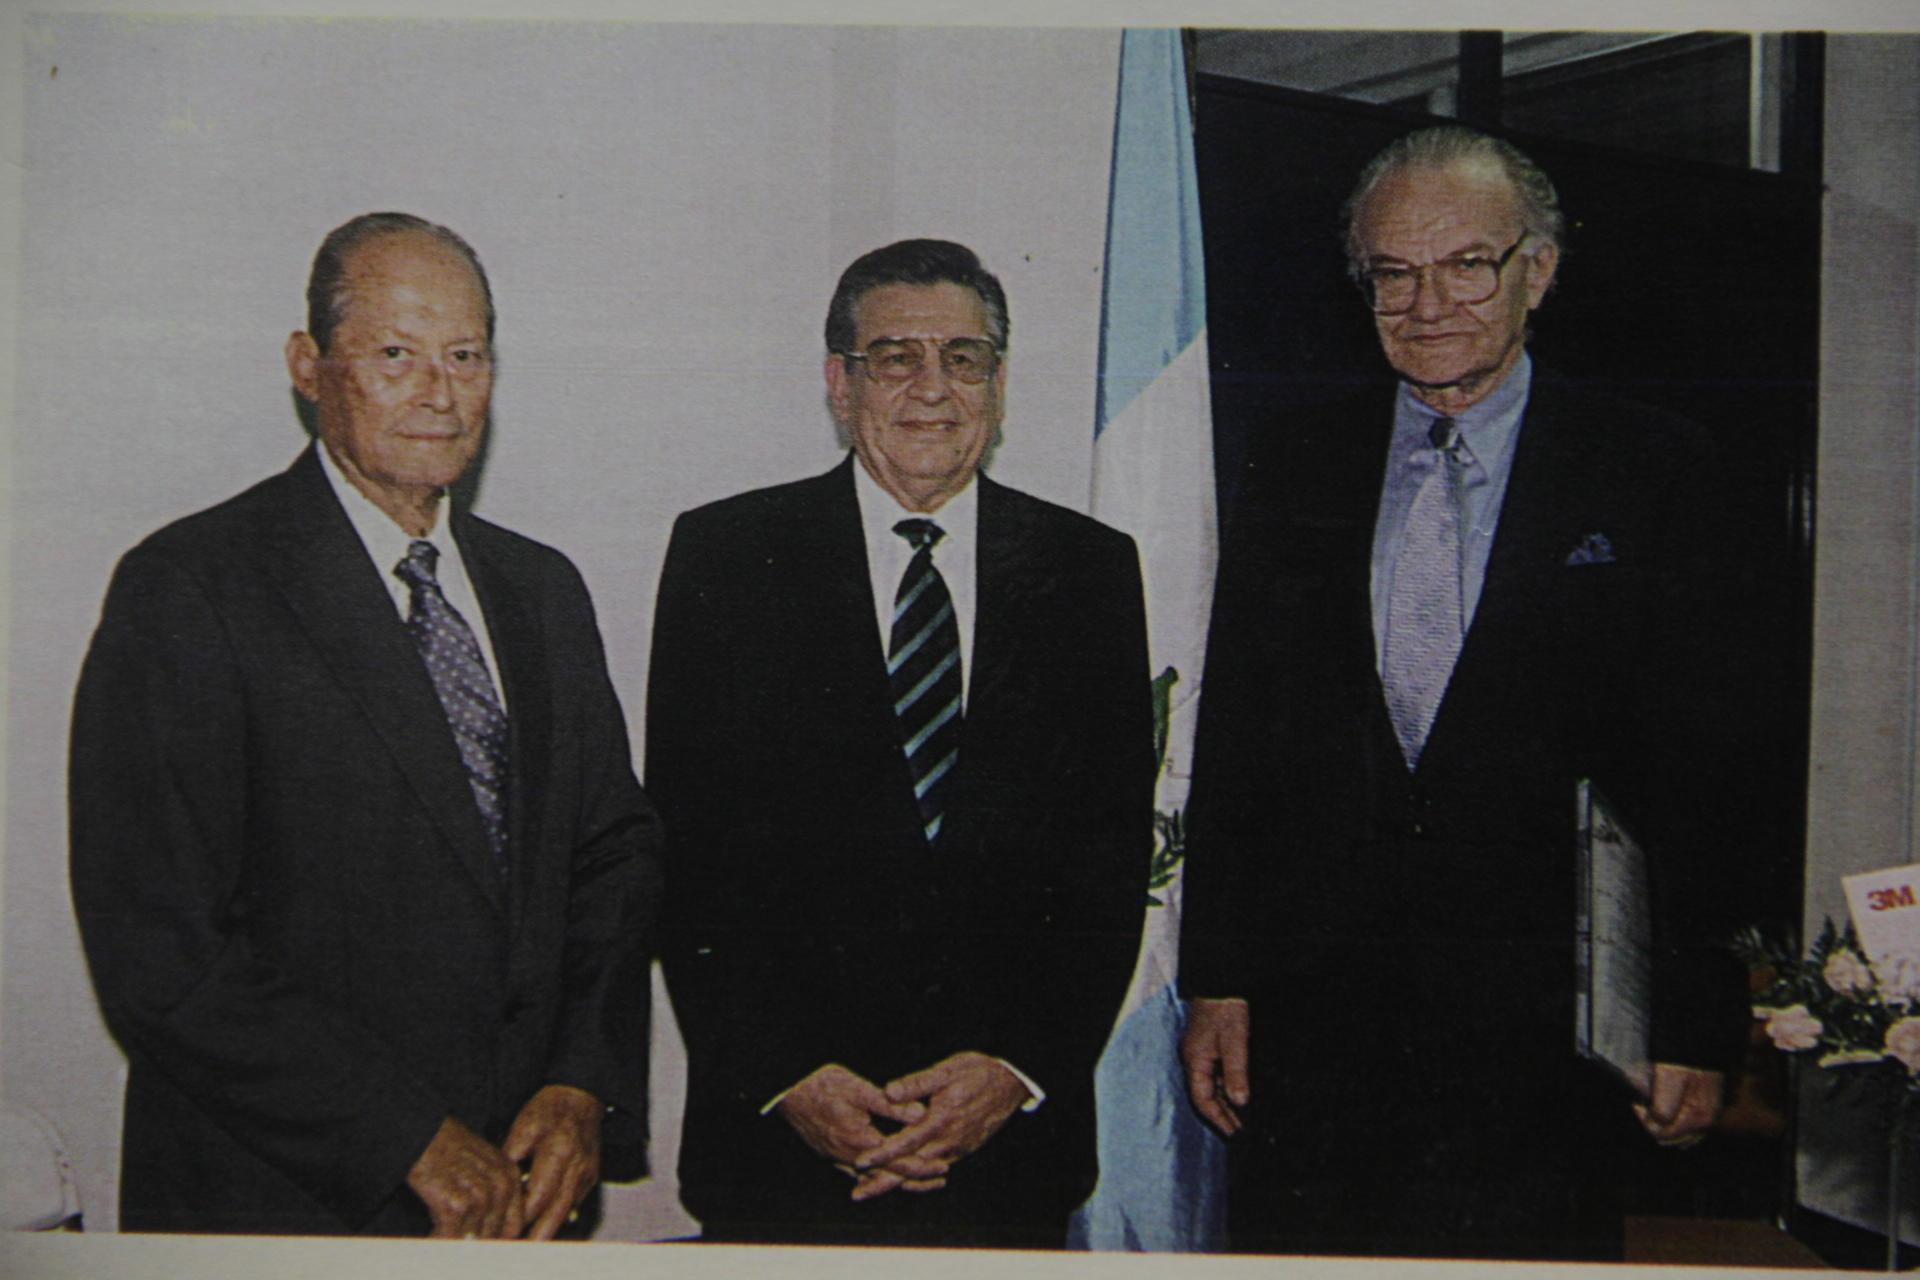 El entonces presidente de Guatemala, Carlos Manuel Arana Osorio, el doctor Raúl Cruz Molina y el doctor Francis Robicsek son los pioneros del primer Programa de Cirugía Cardiovascular en Guatemala. (Foto: Memorias del doctor Raúl Cruz Molina)